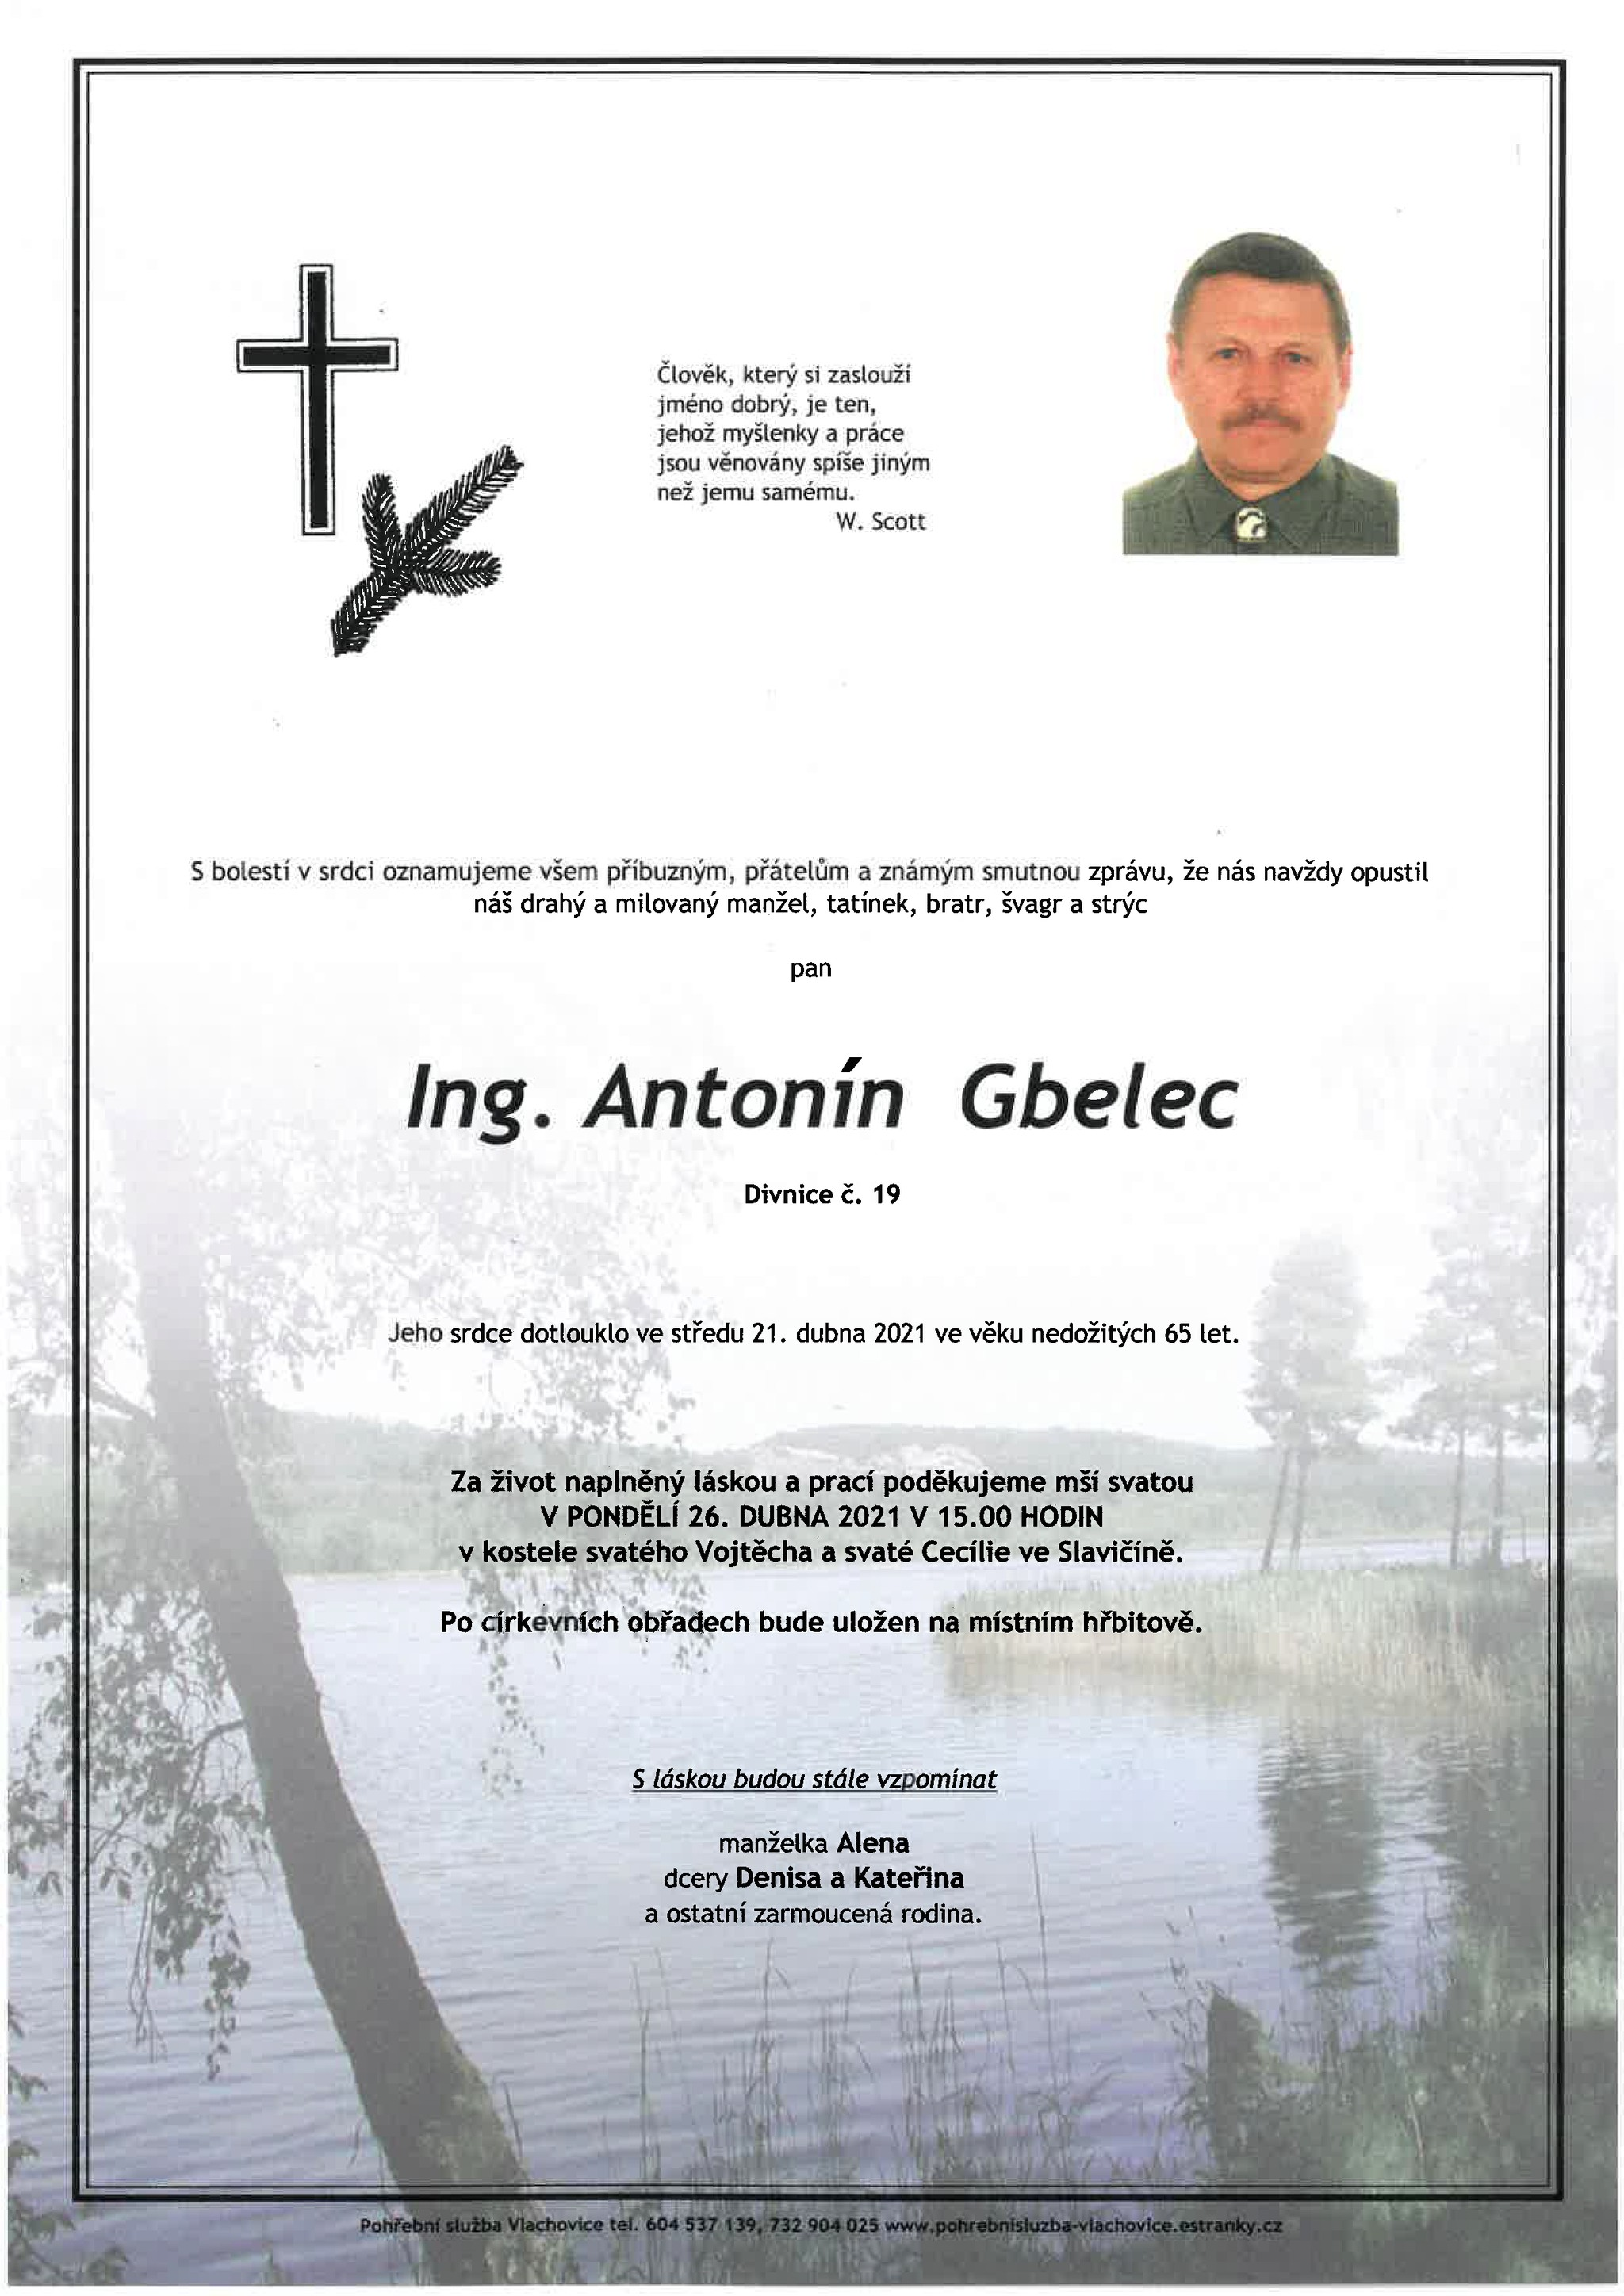 Ing. Antonín Gbelec